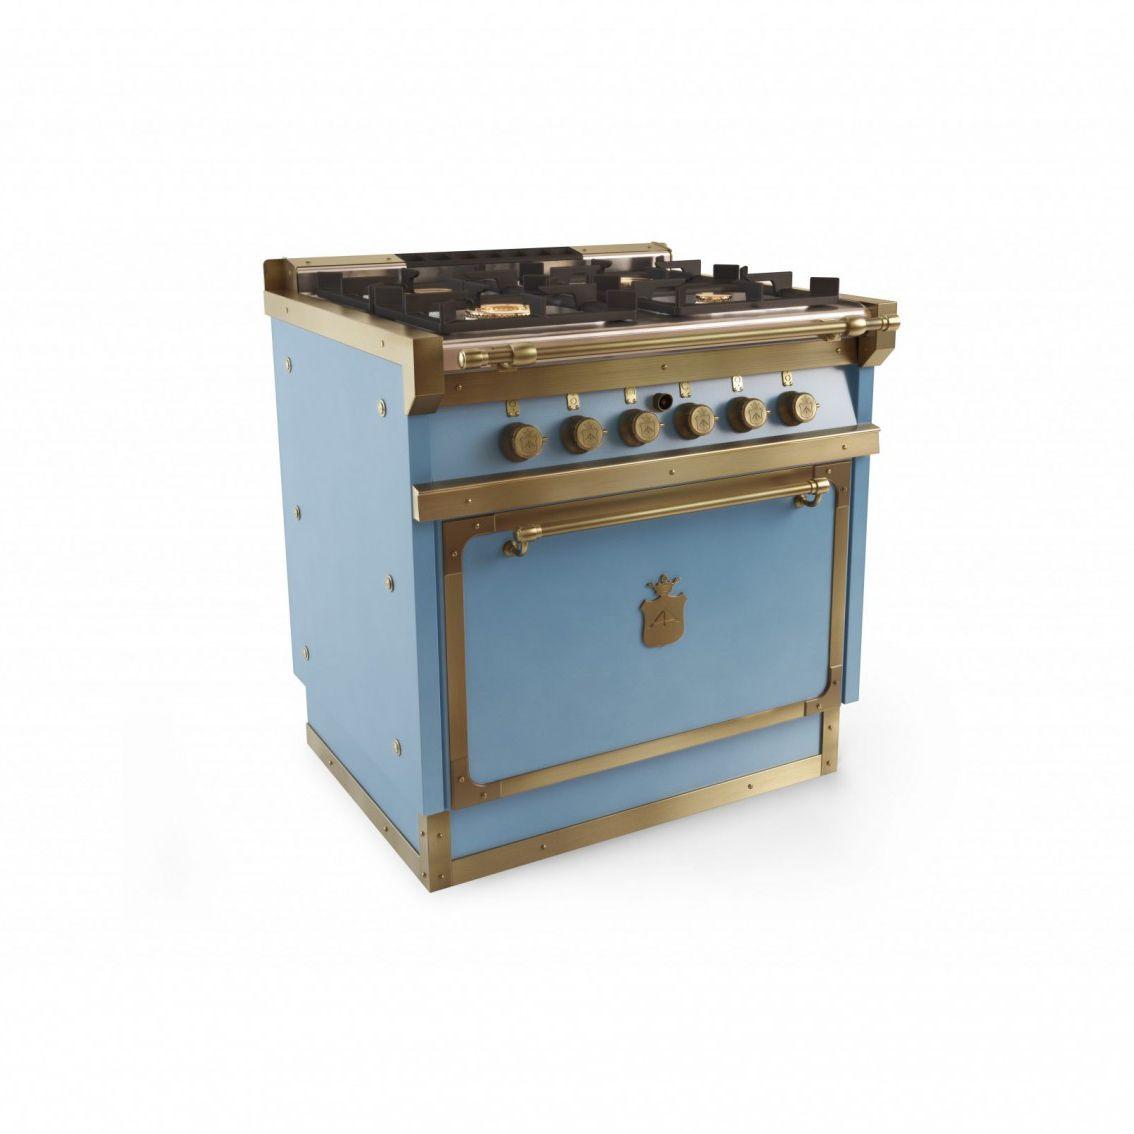 Blocco cucina a gas / elettrico / professionale / attrezzato ...